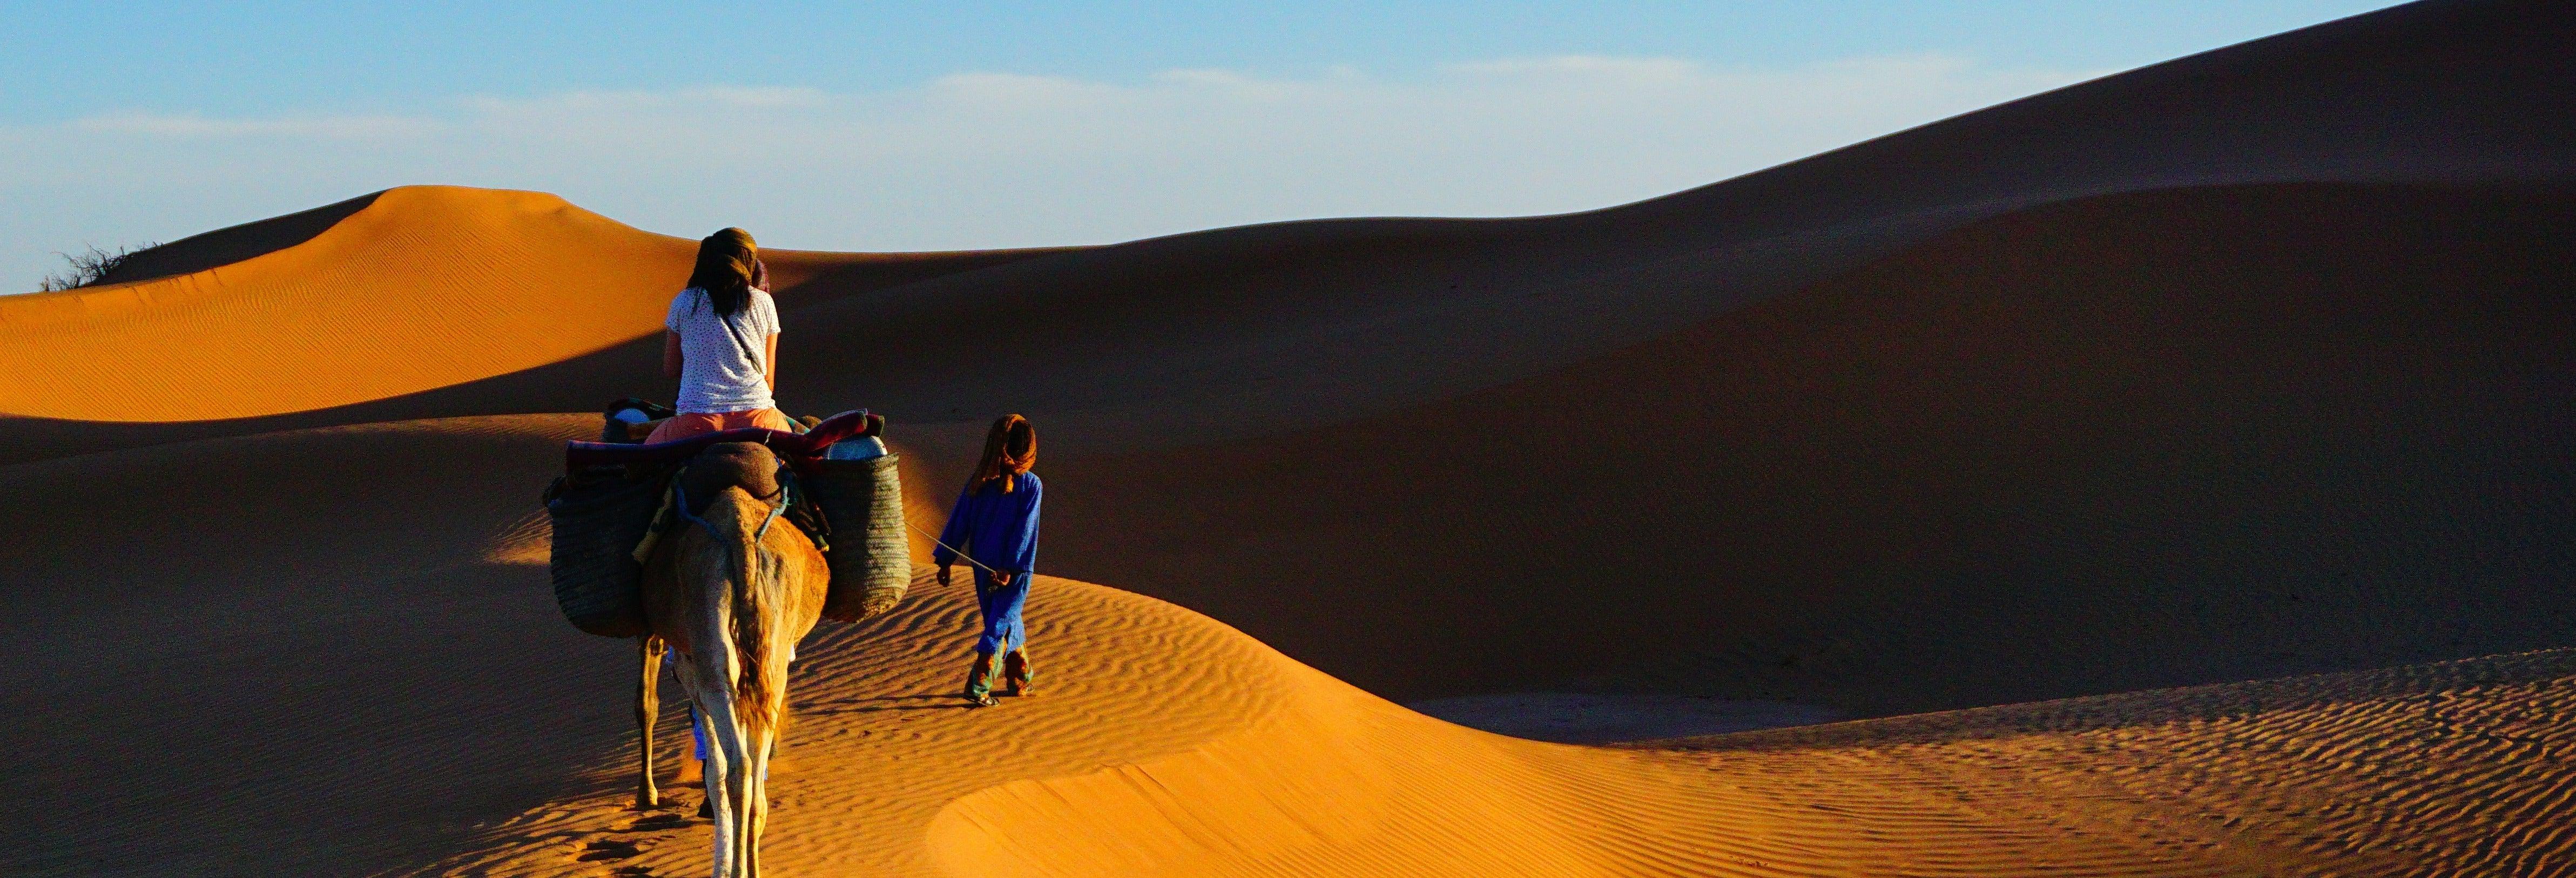 Paseo en camello y noche en el desierto